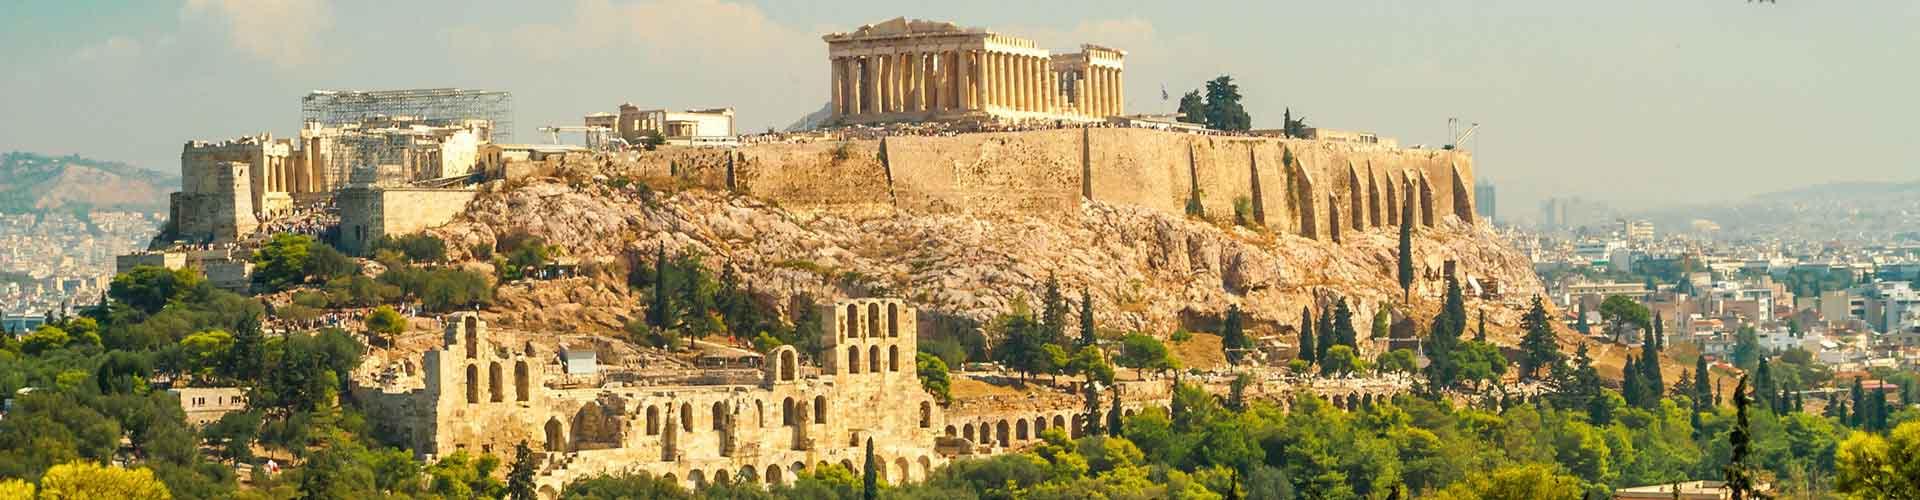 Atenas - Albergues Juveniles en Atenas. Mapas de Atenas, Fotos y Comentarios para cada Albergue Juvenil en Atenas.